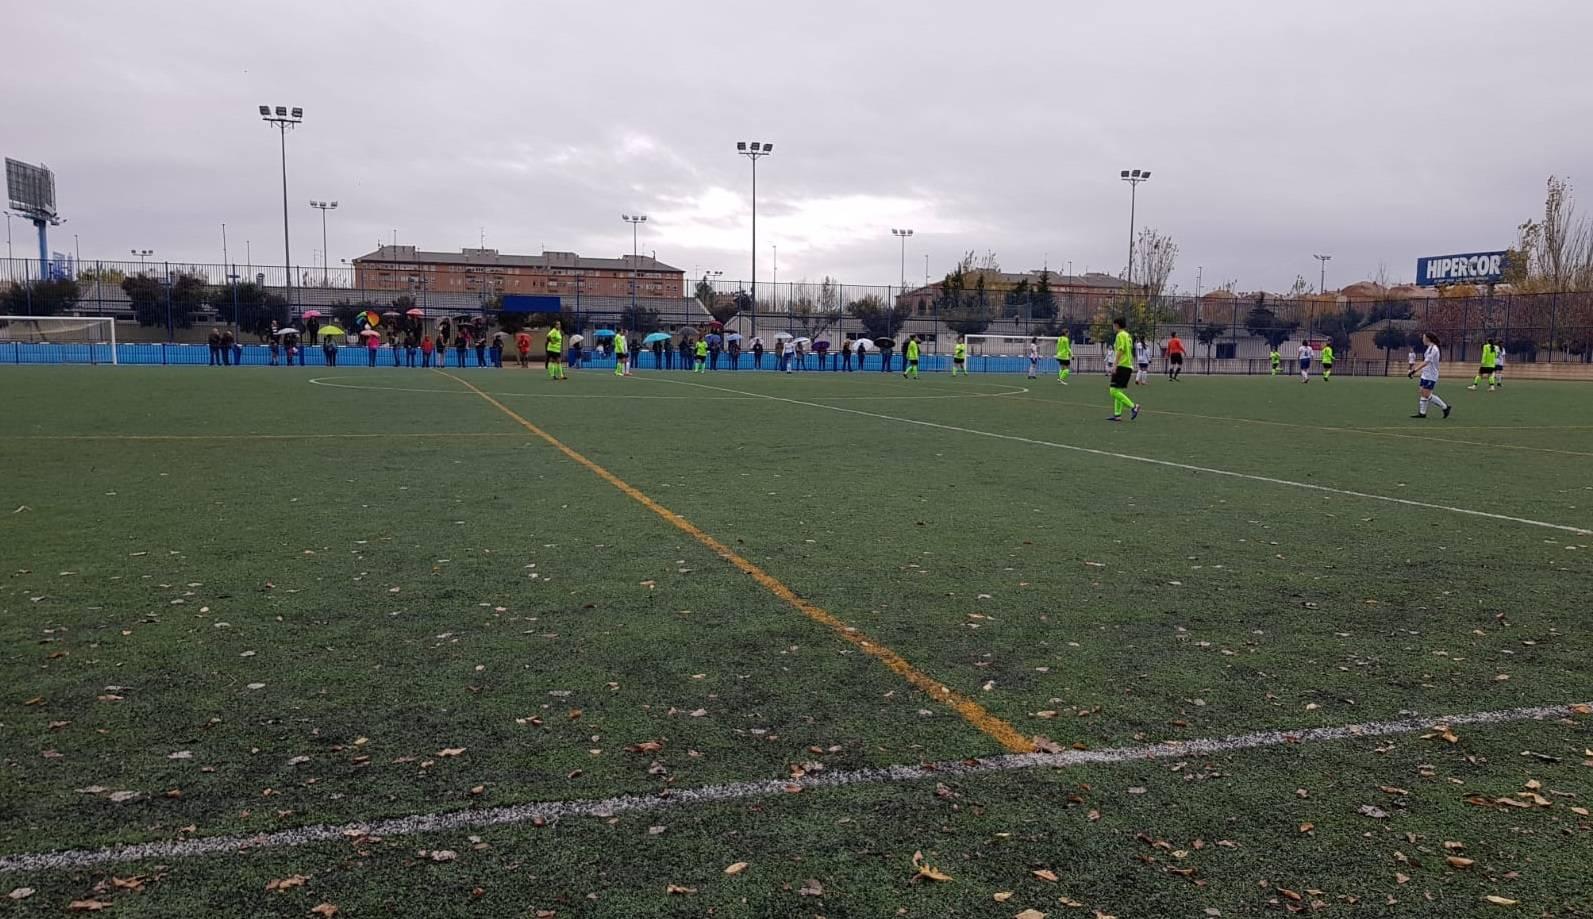 88e0c13d06b58 Nuestros equipos de liga territorial disputaron este fin de semana sus  partidos correspondientes a la jornada